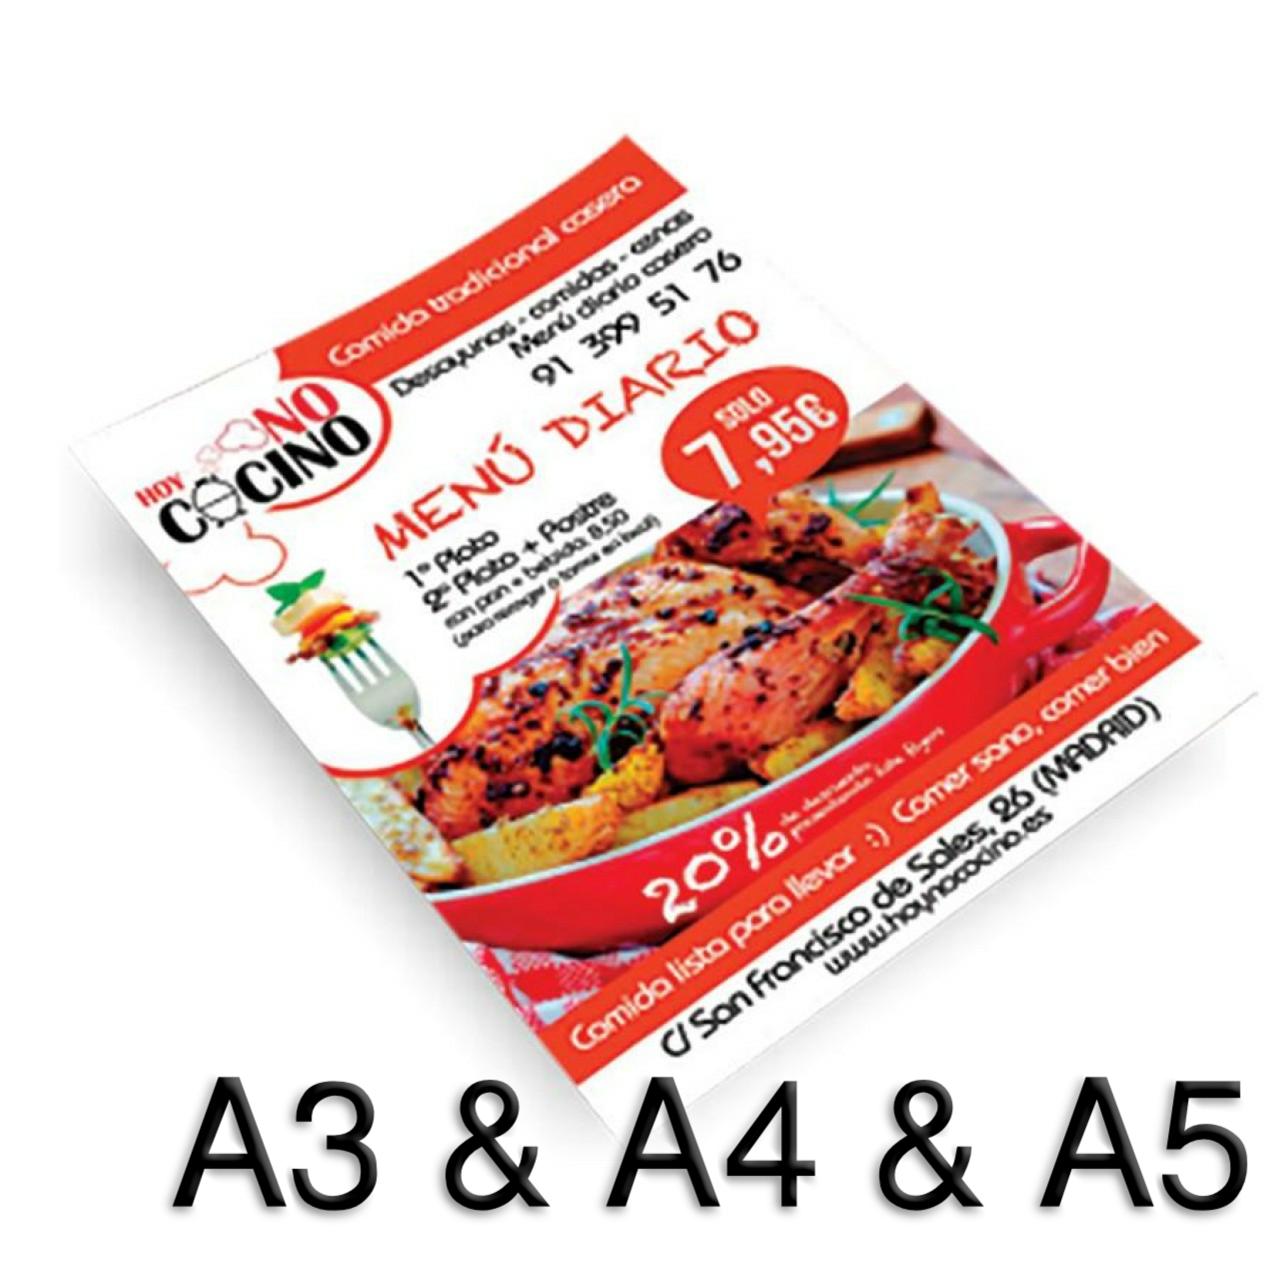 Flyer (A3 & A4 & A5)